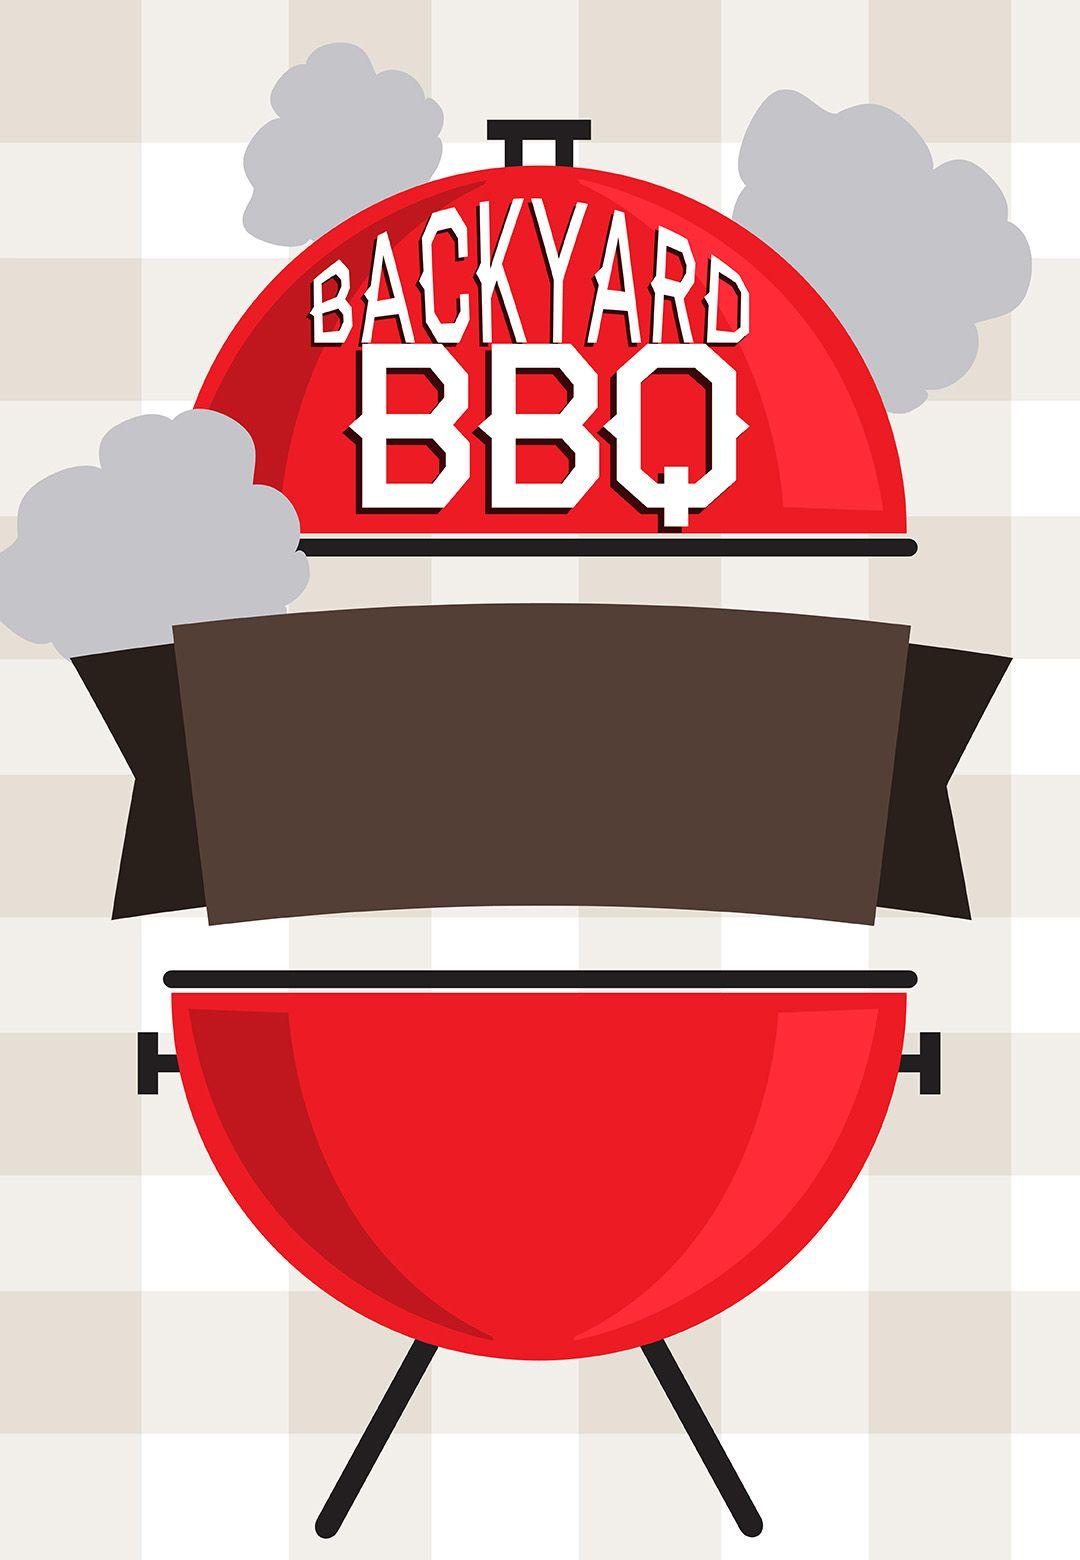 Barbecue clipart graduation. Bbq invitation free printable